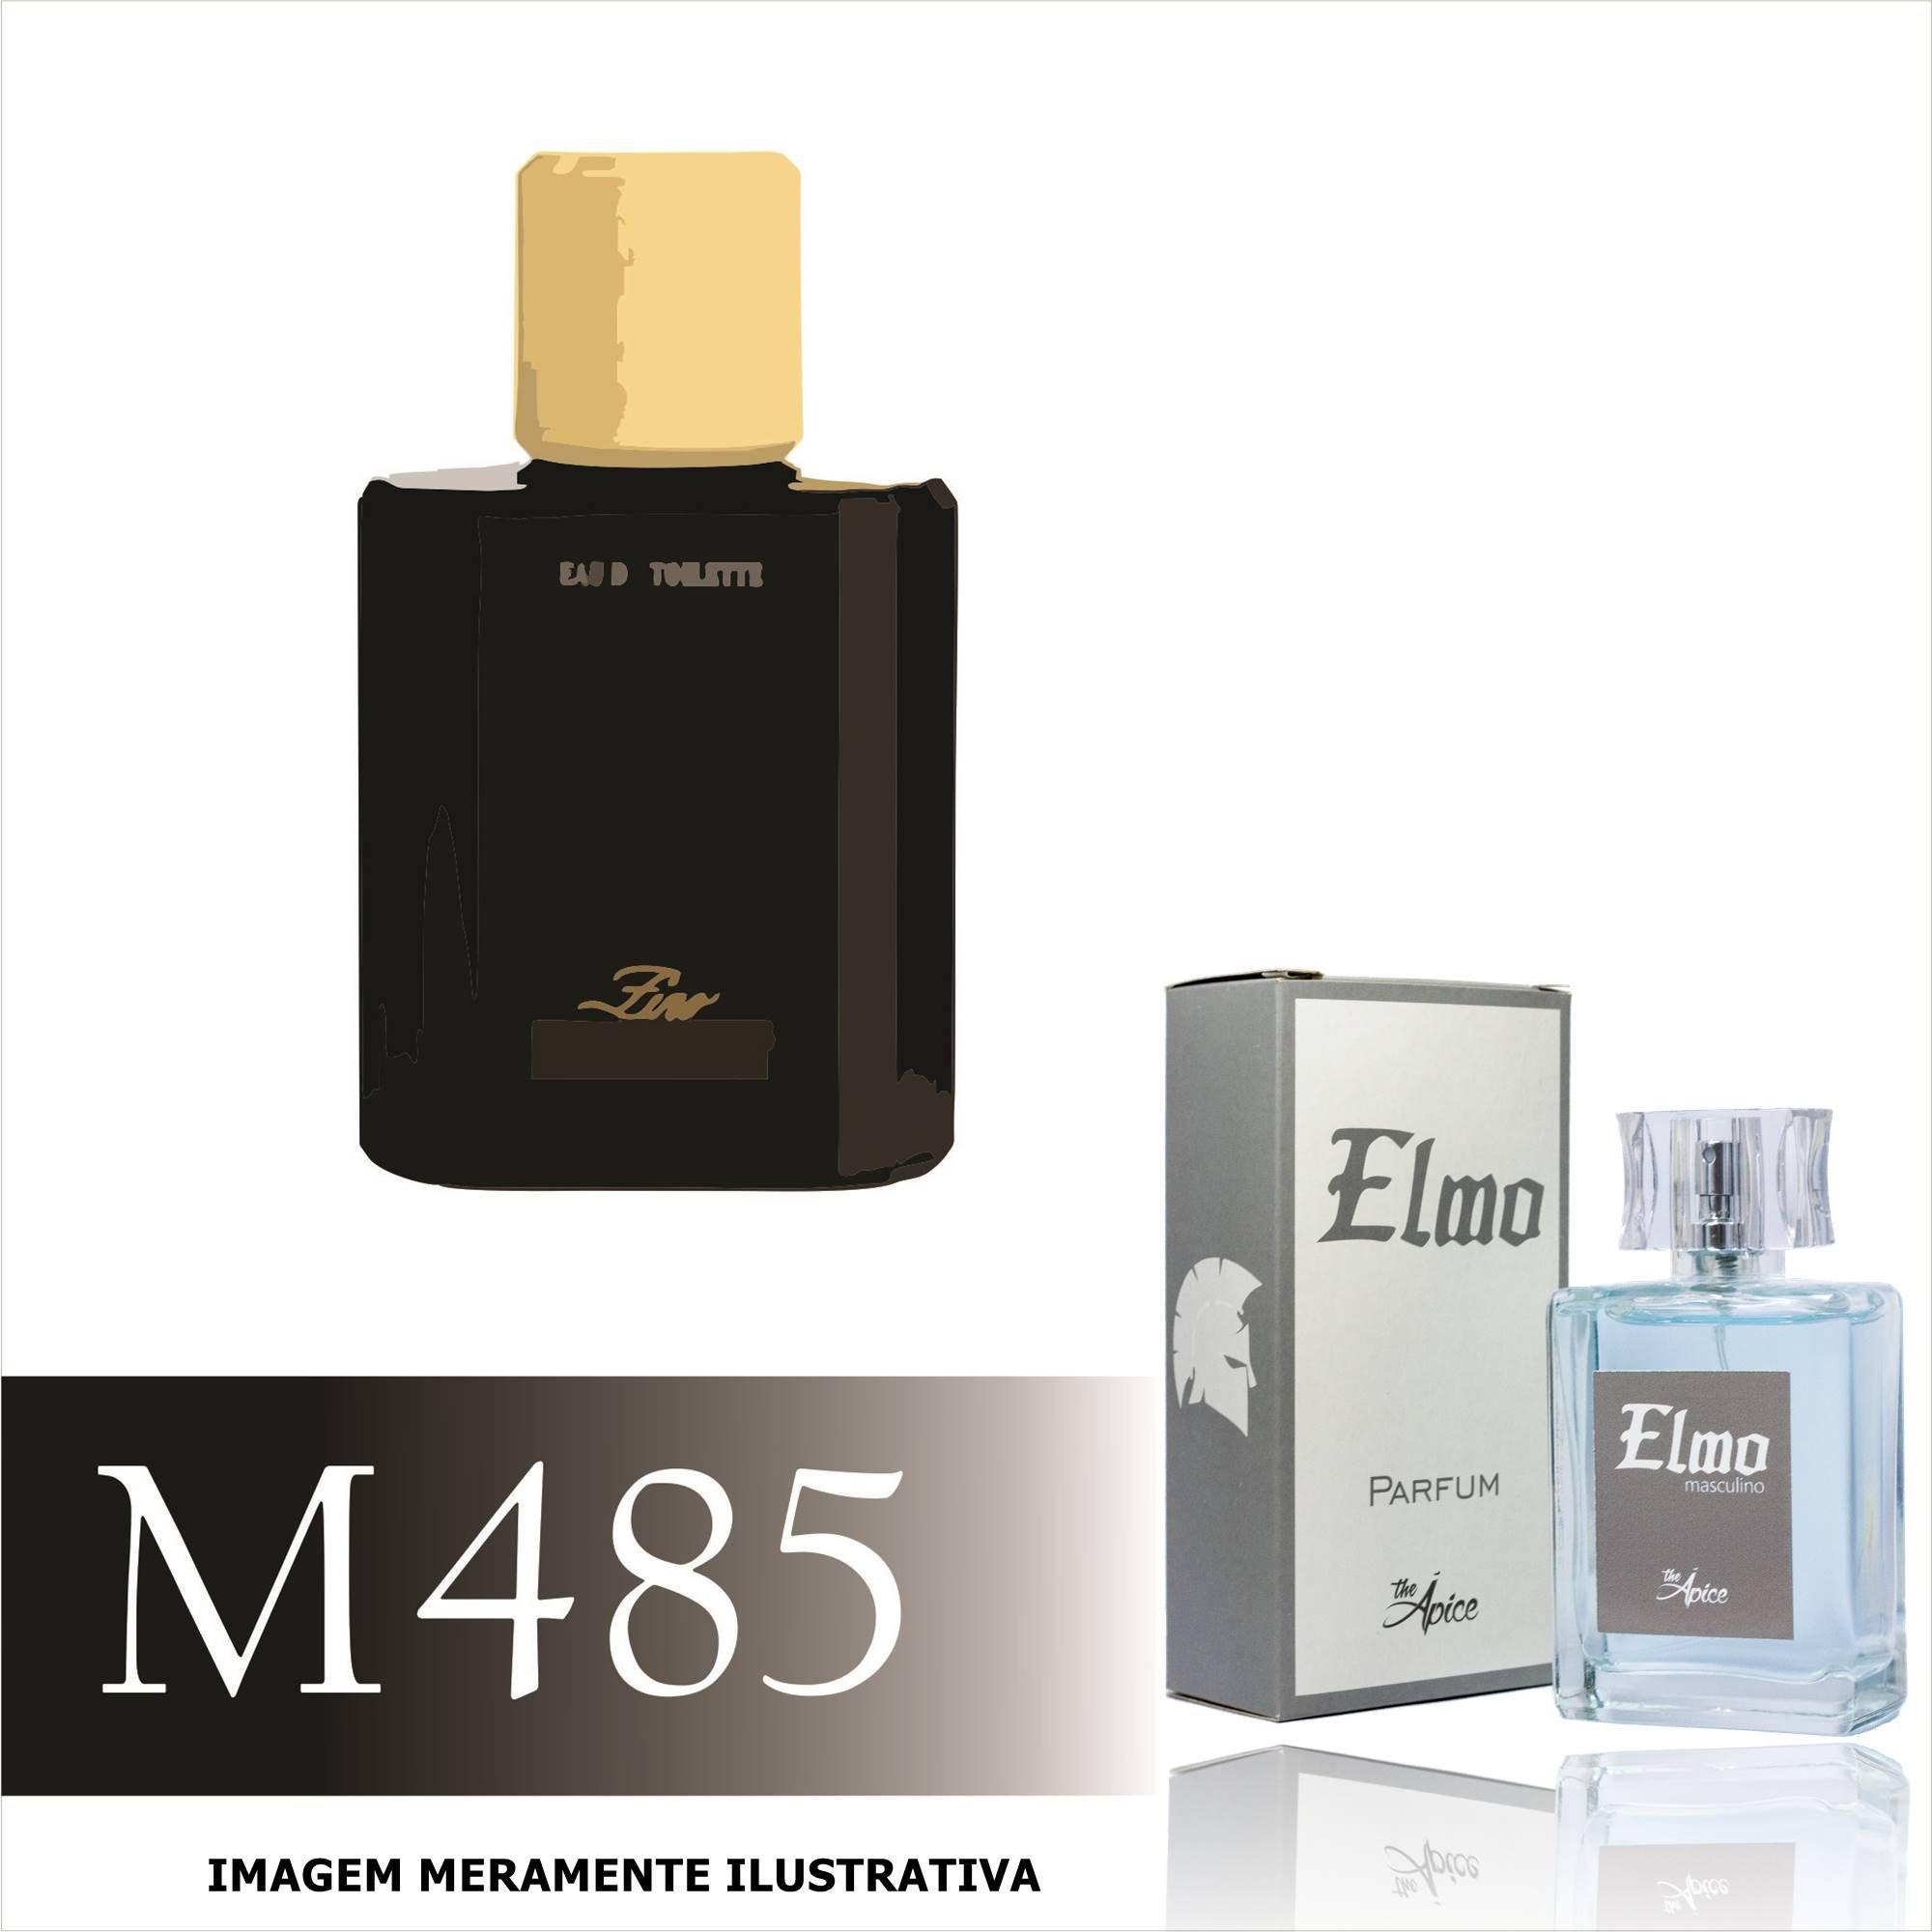 Perfume M485 Inspirado no Zino For Men da Davidoff Masculino